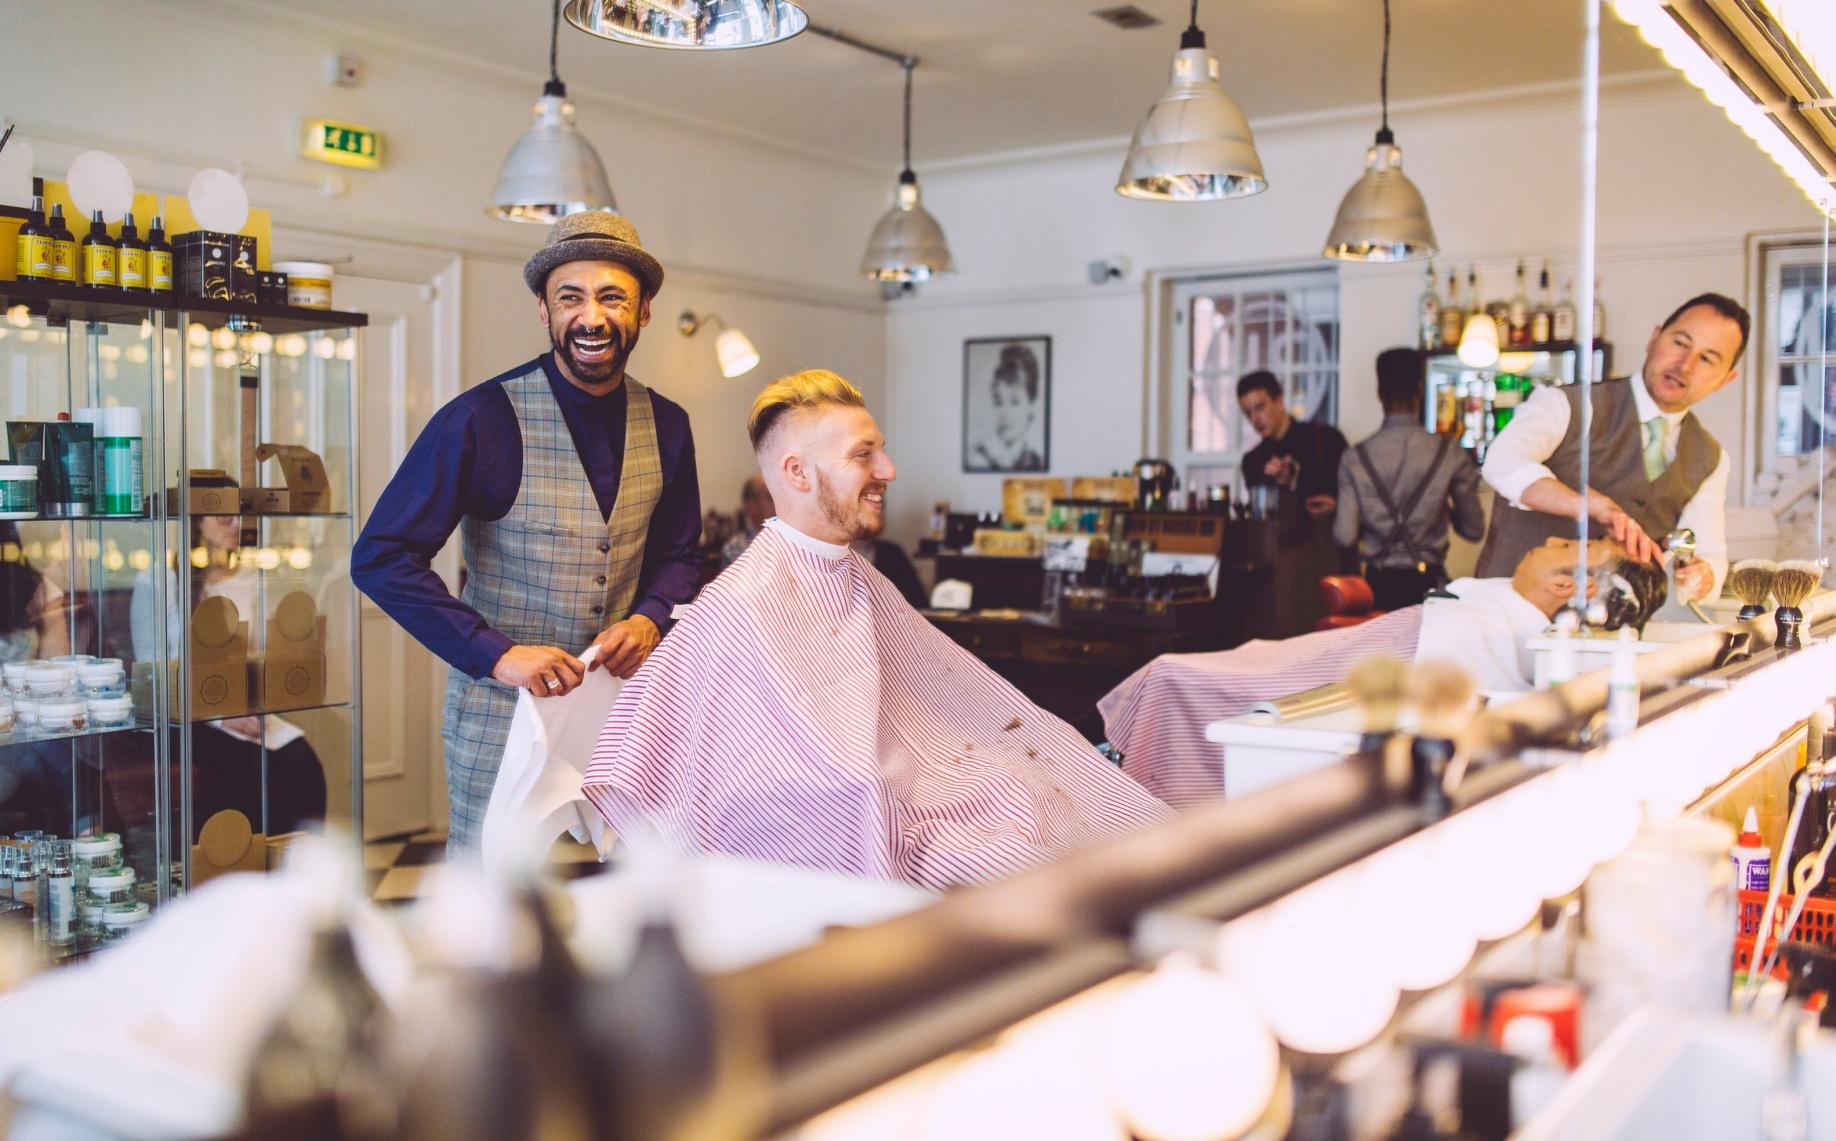 Barbers Bond